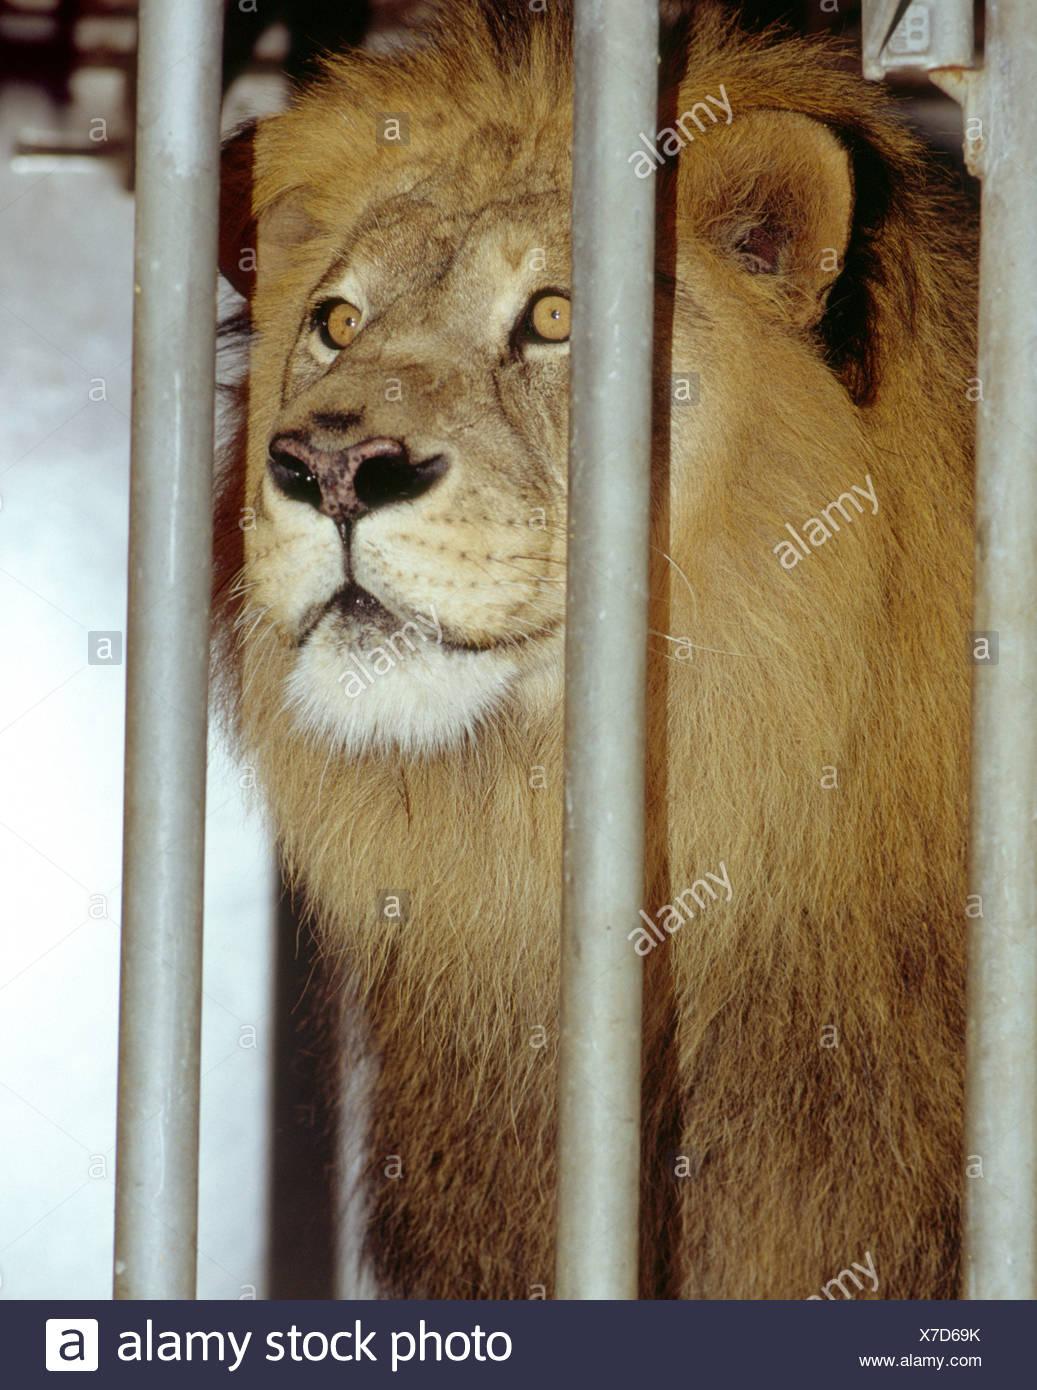 Circus Lion Stock Photos Amp Circus Lion Stock Images Alamy